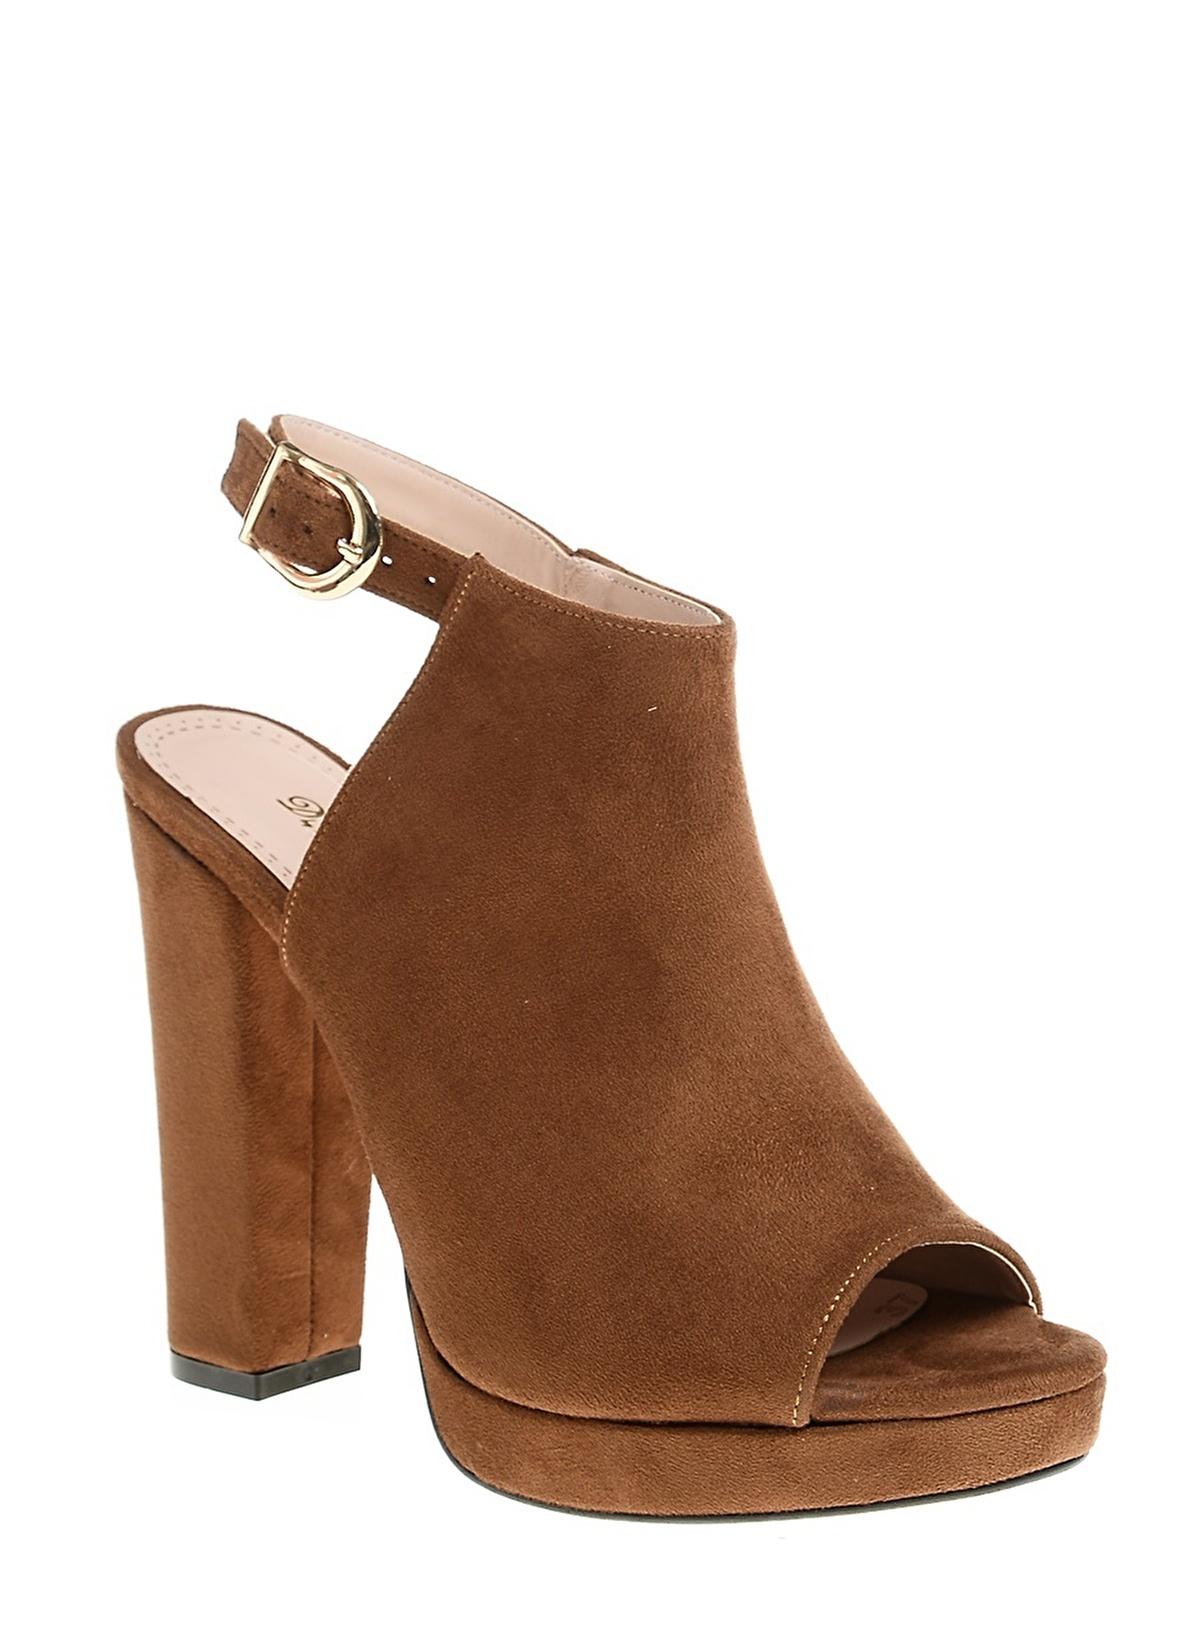 D By Divarese Platform Topuklu Ayakkabı 69.9 Tl